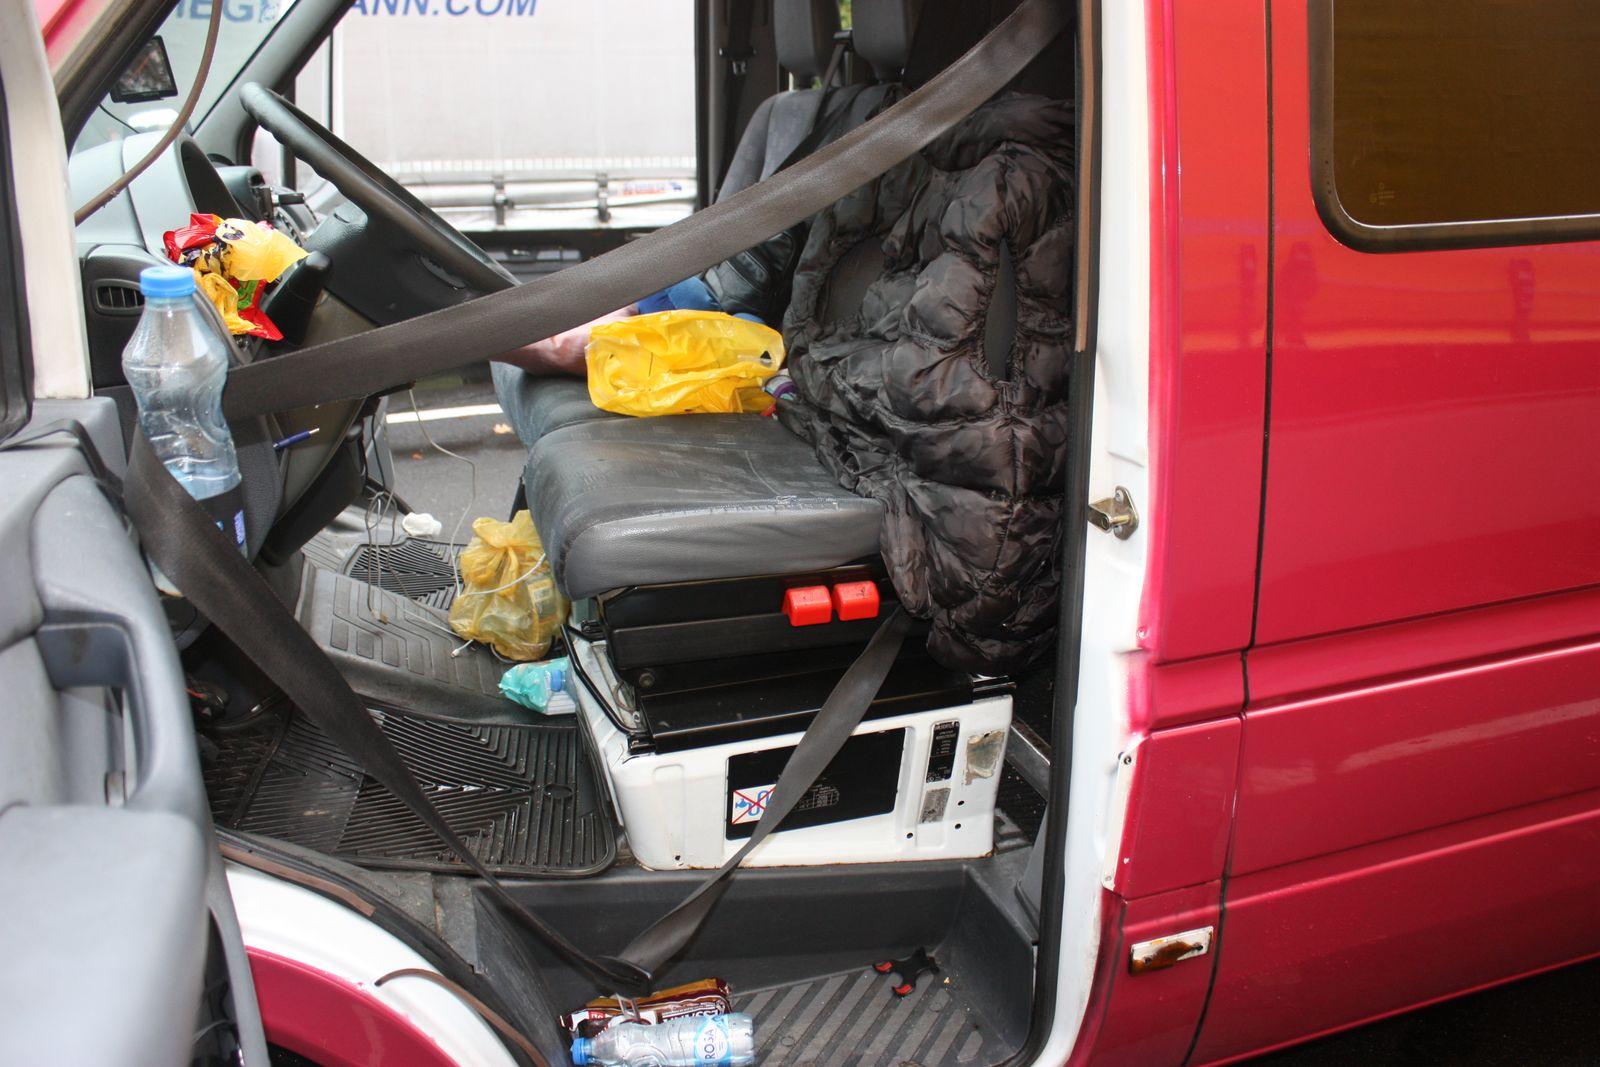 Fahrer von technisch marodem Minibus schlÃ?ft wÃ?hrend Kontrolle